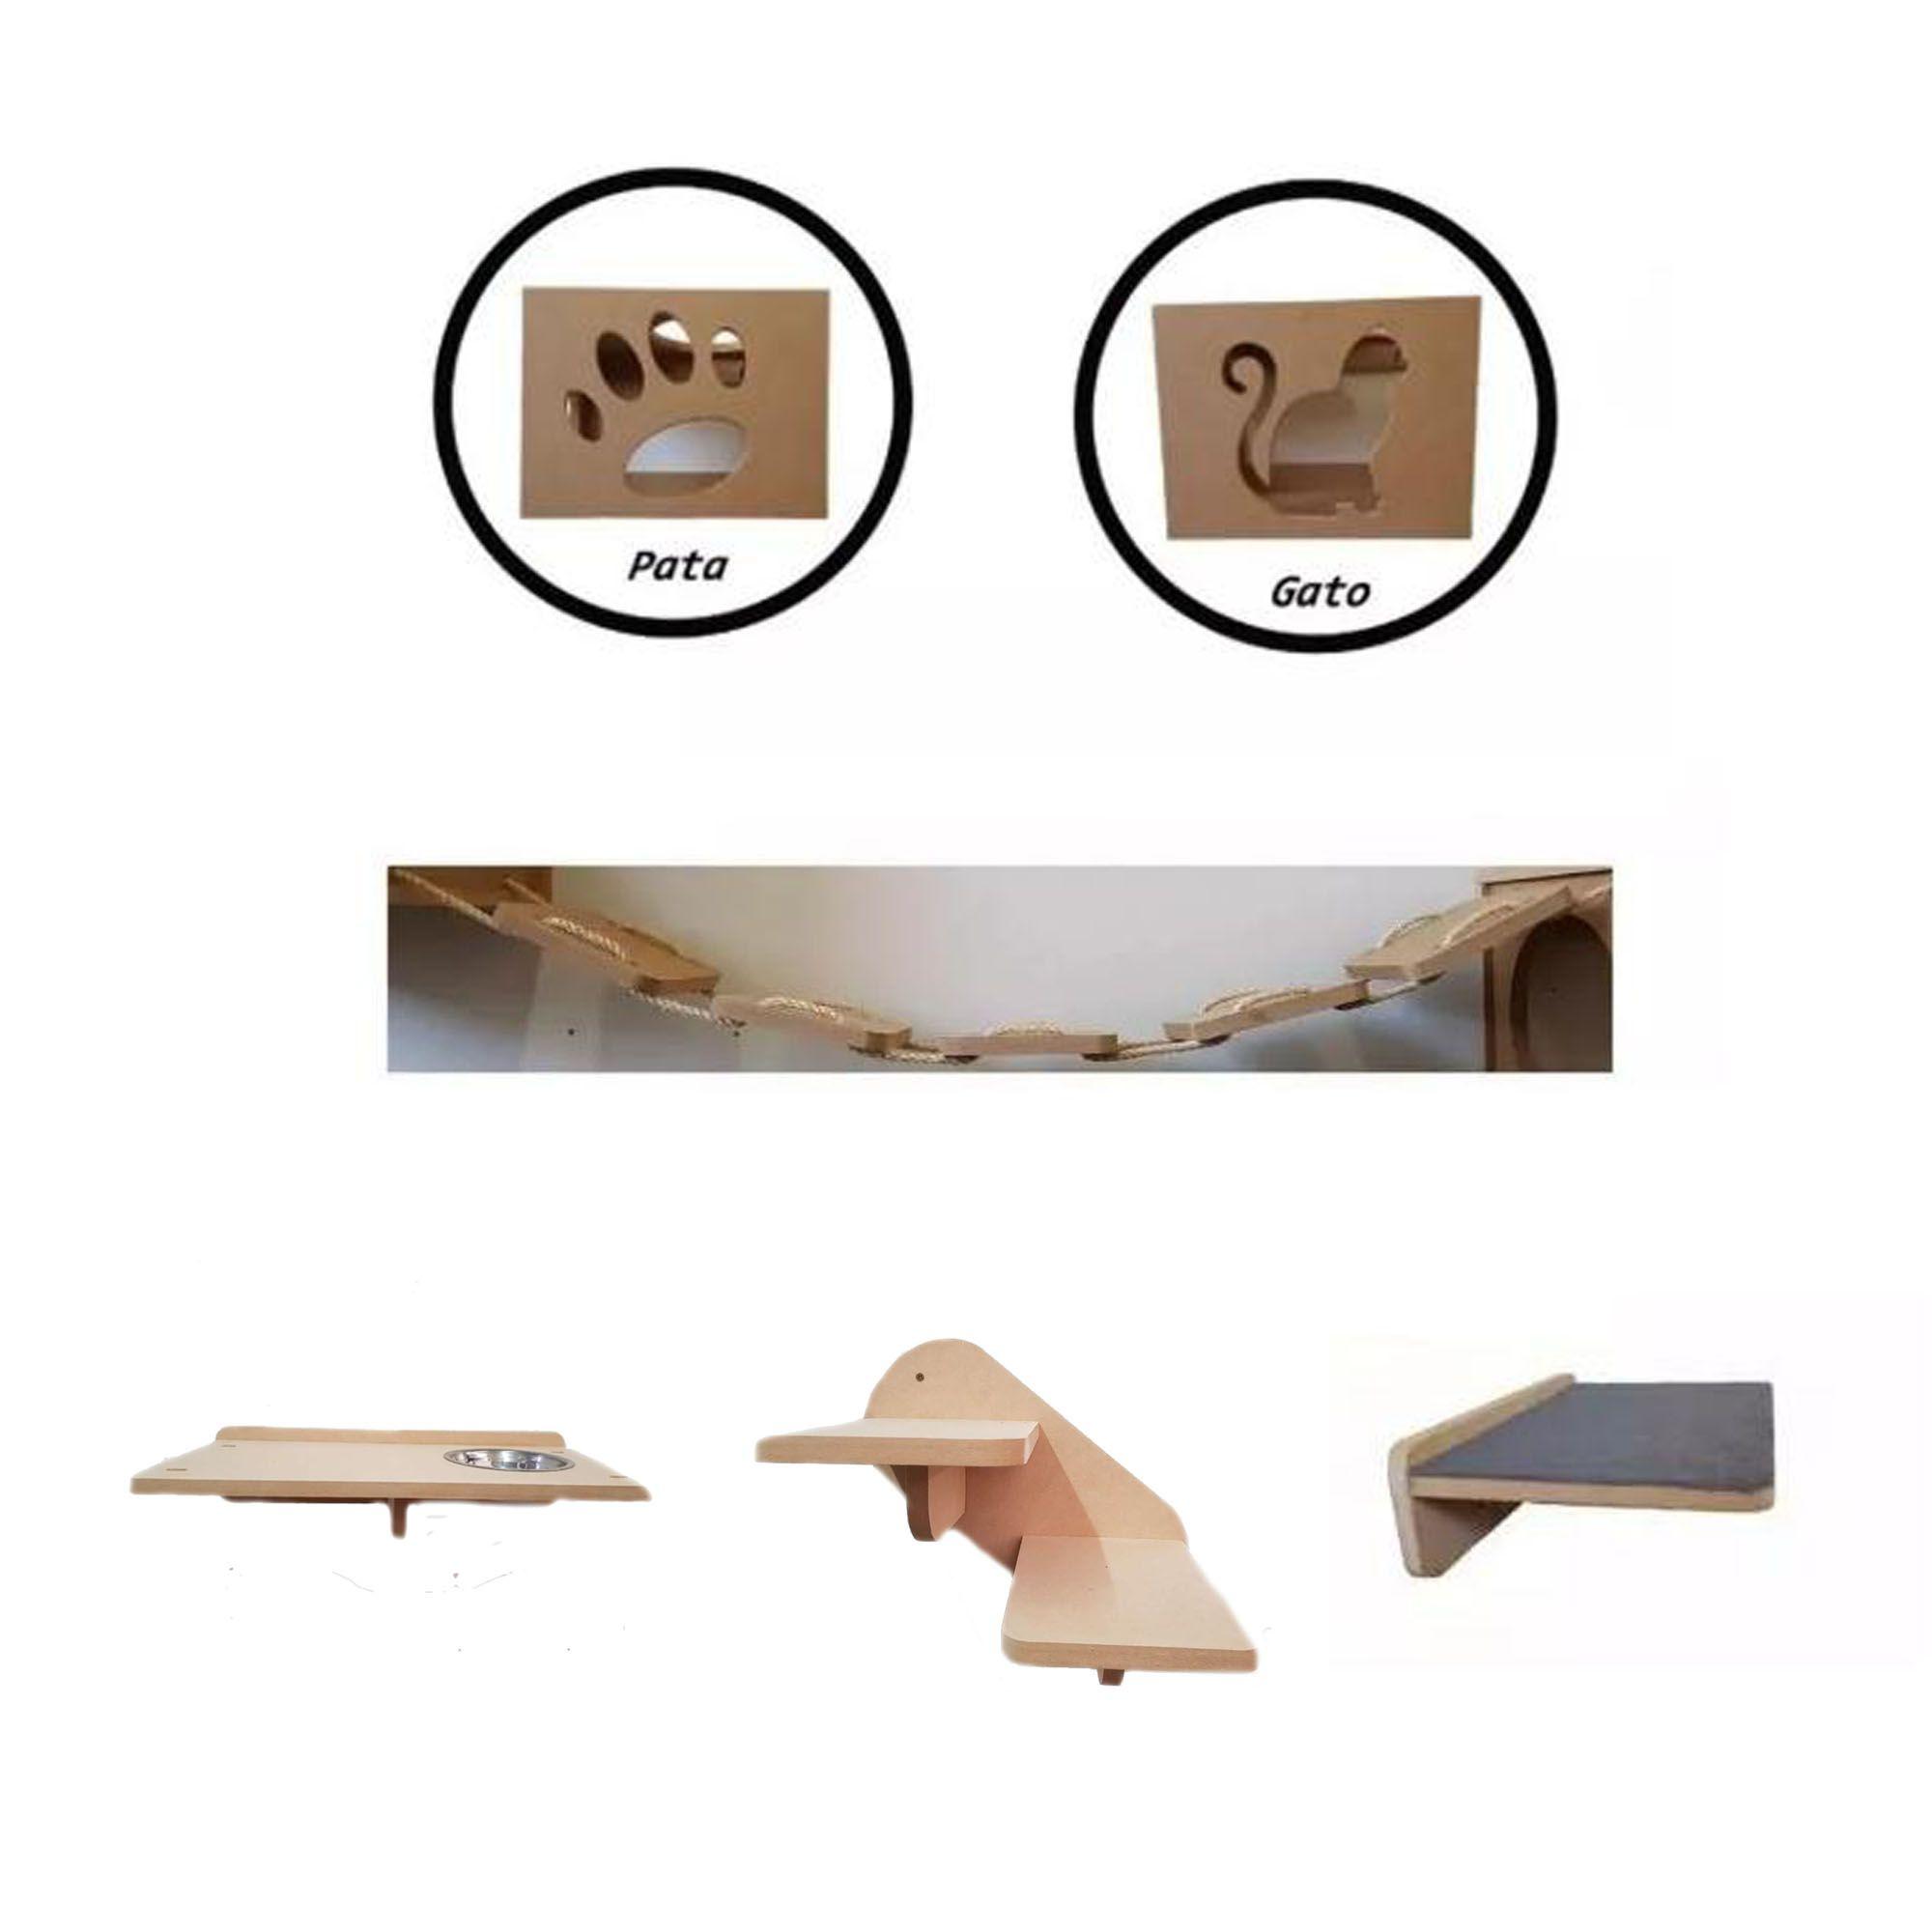 Nicho Gato - Kit Nicho para Gato - 6 peças = 2 Nichos + ponte + comedouro + escada + prateleira para Gato em MDF 15mm